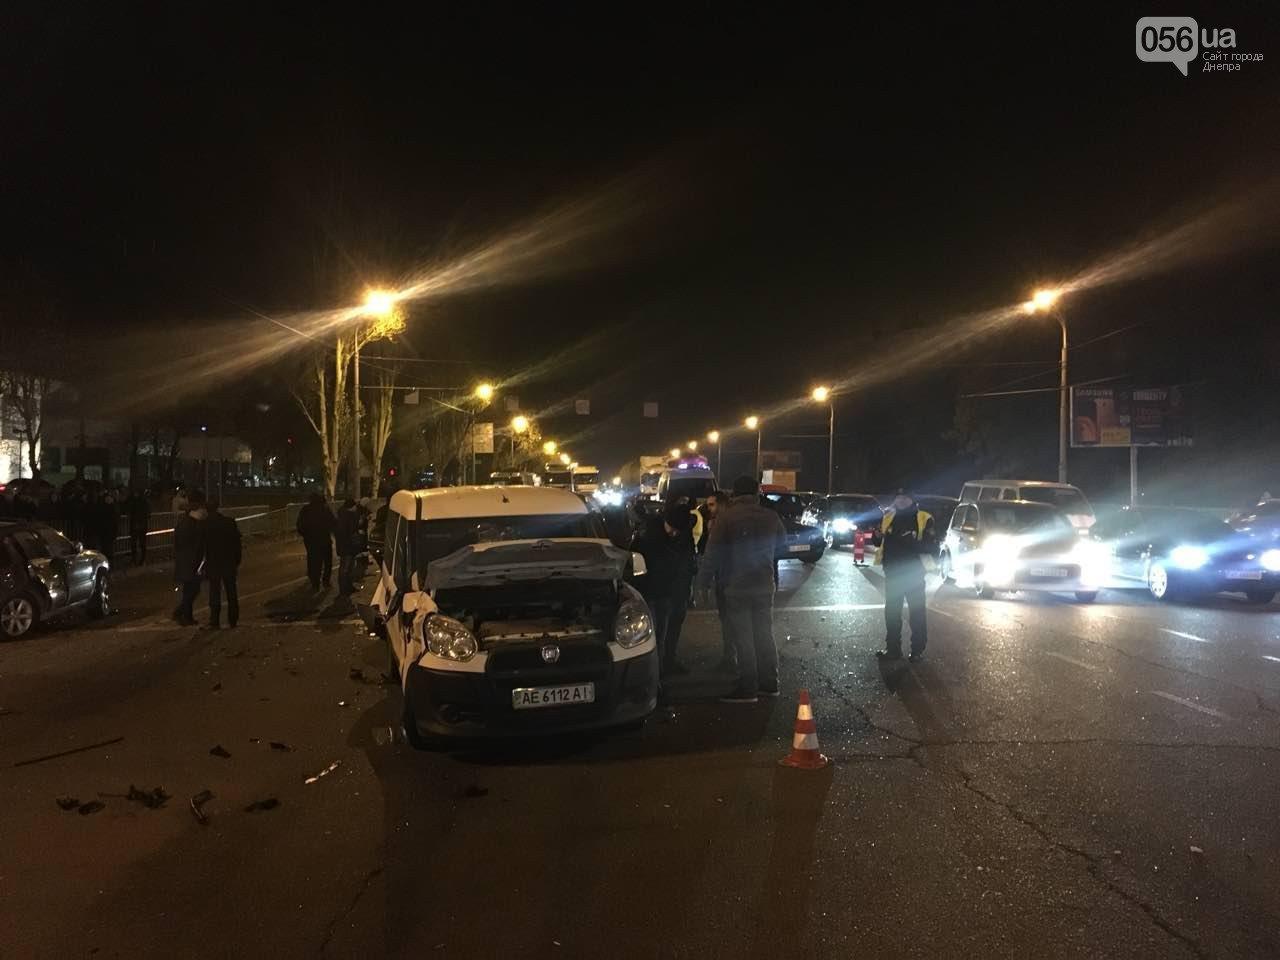 Десять авто в Днепре попали в масштабное ДТП: людей из машин доставали специнструментами, много раненых - фото